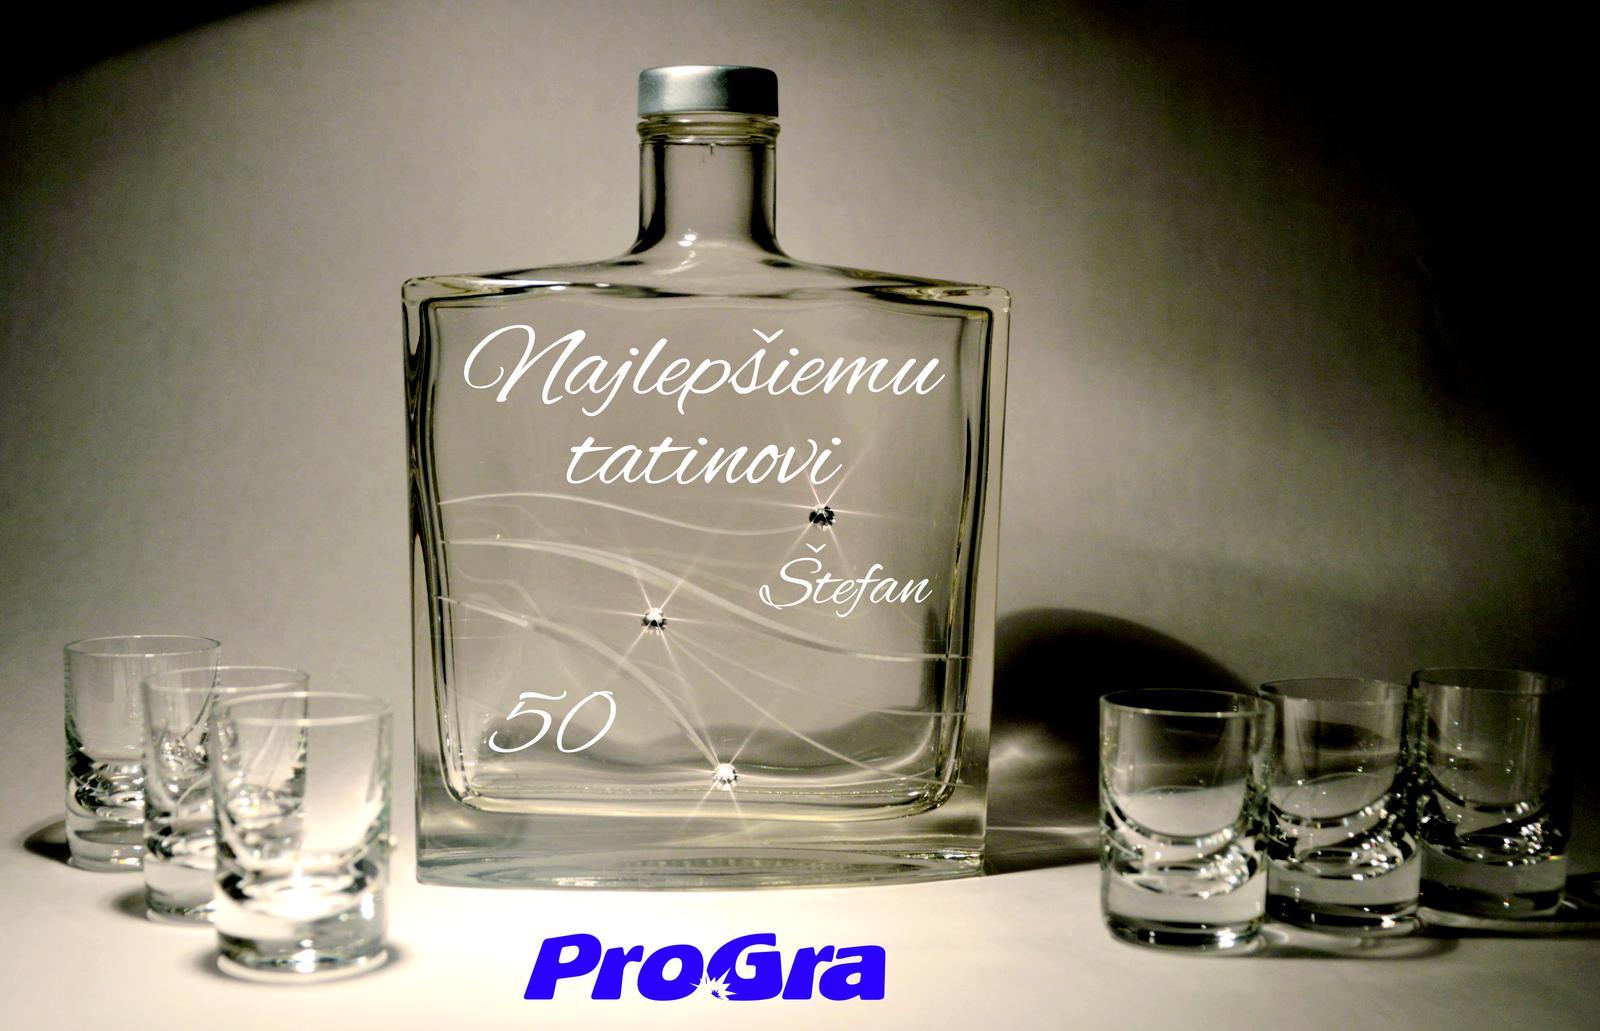 Po svadbičke - Krásna elegantná sada fľaše a 6ks štamprlíkov zdobená Swarovski kryštálikmi doplnená gravírovaním podľa Vašich požiadaviek dodávaná v darčekovej krabičke.